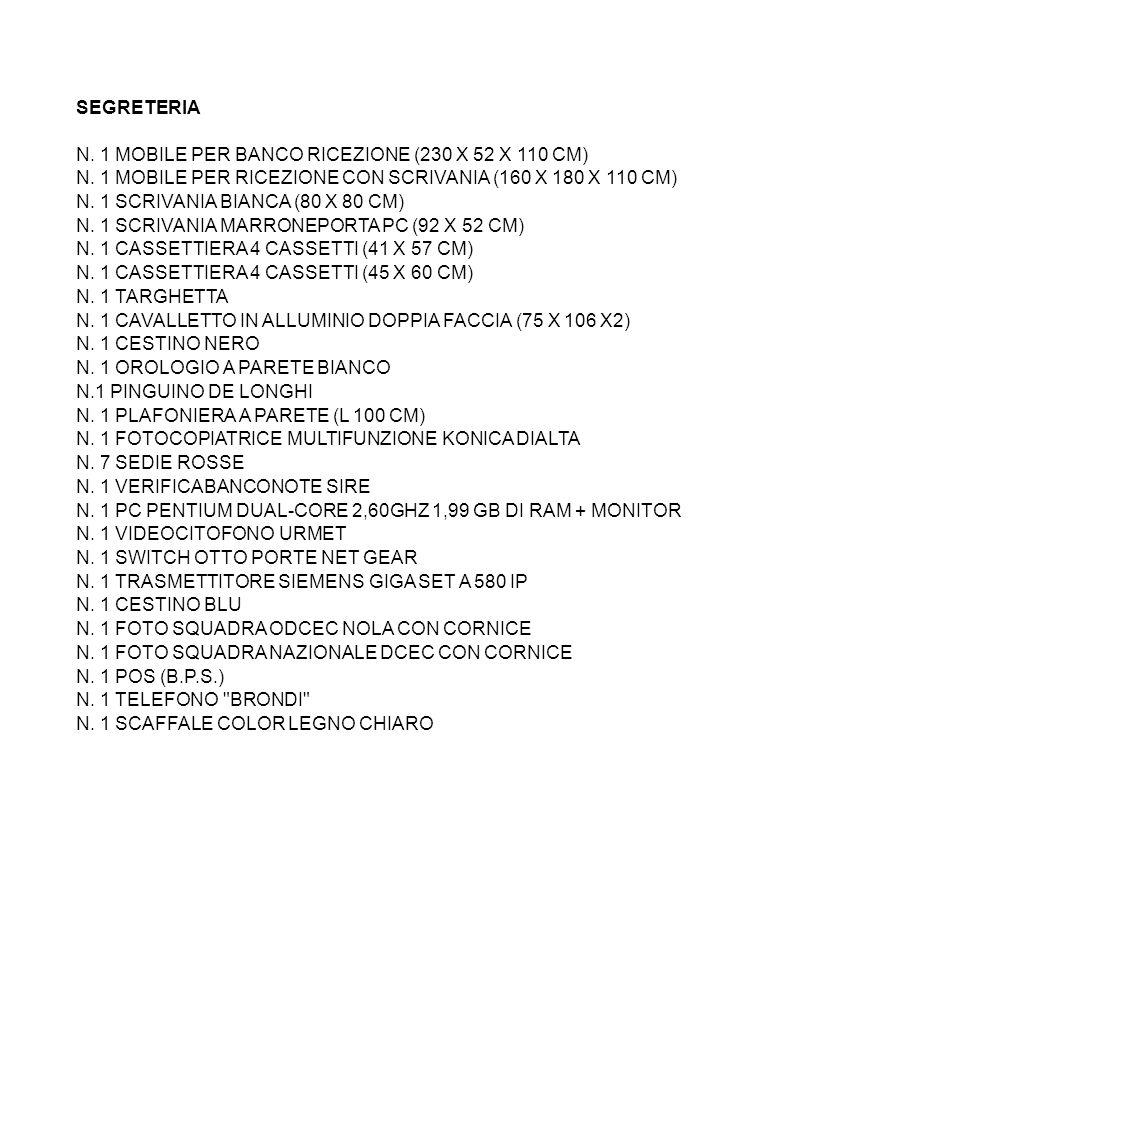 SEGRETERIA N. 1 MOBILE PER BANCO RICEZIONE (230 X 52 X 110 CM) N. 1 MOBILE PER RICEZIONE CON SCRIVANIA (160 X 180 X 110 CM)